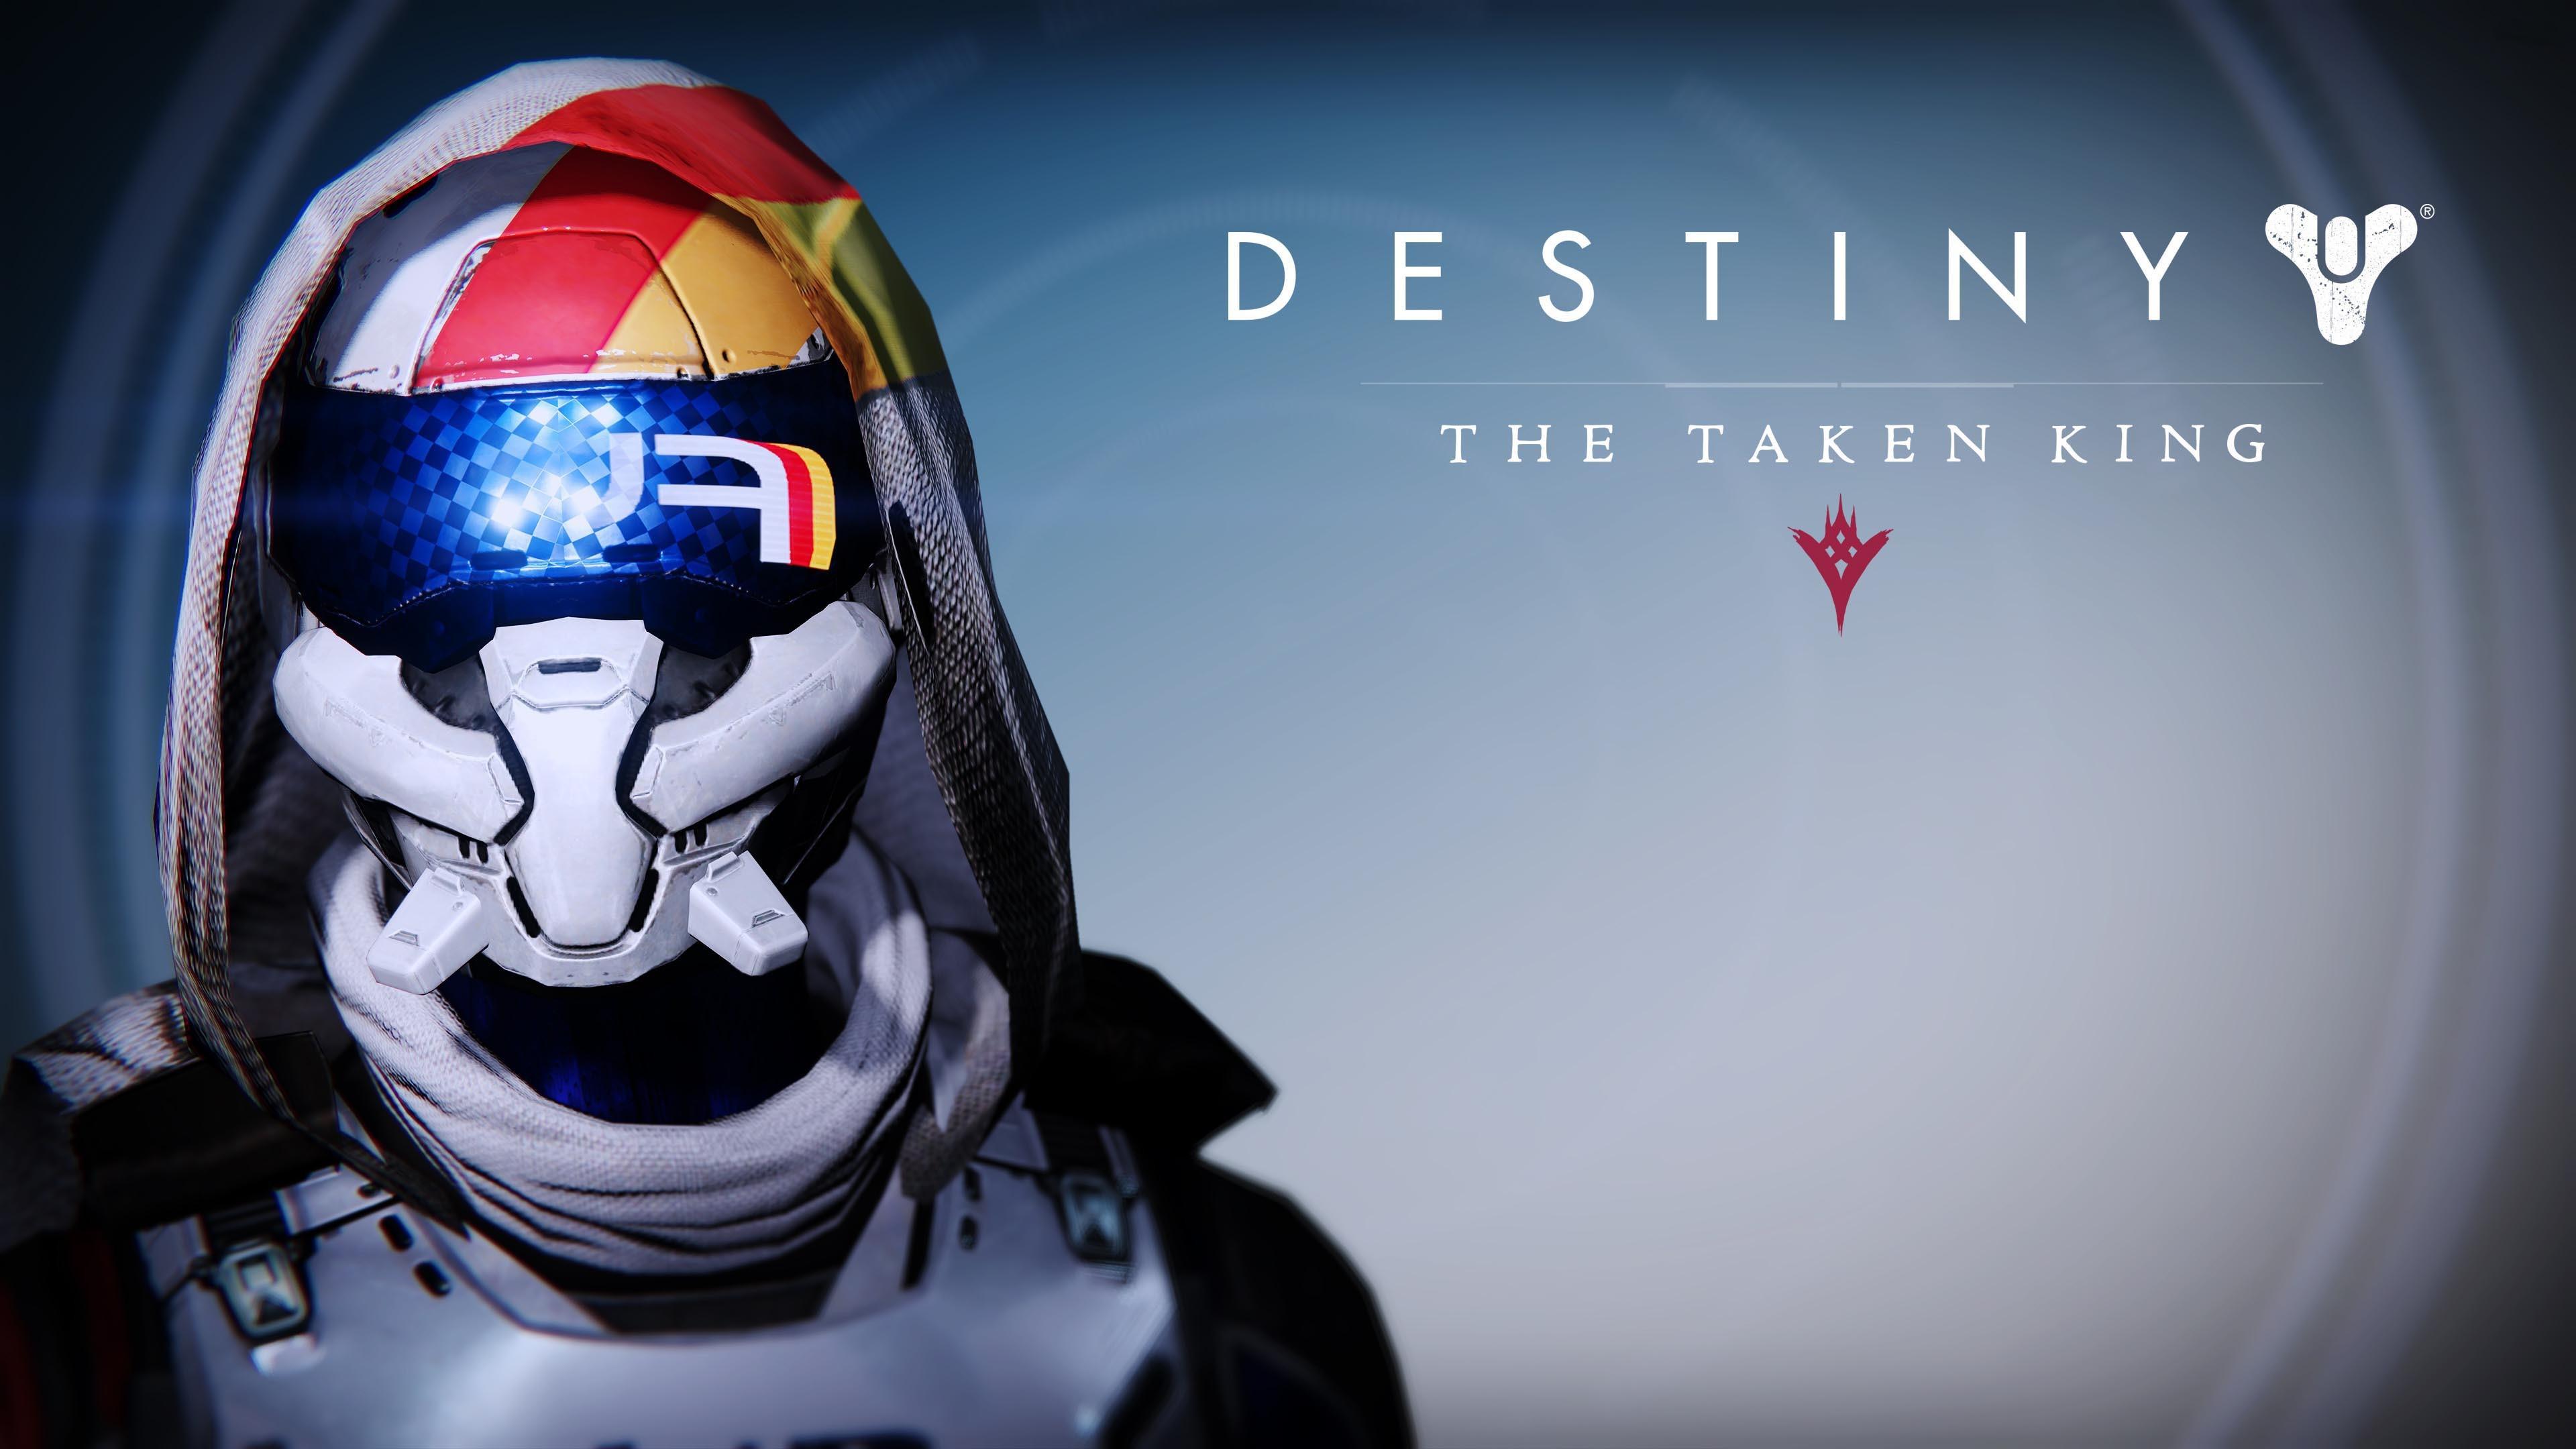 Destiny FWC Hunter Female Helmet – Destiny The Taken King  wallpaper